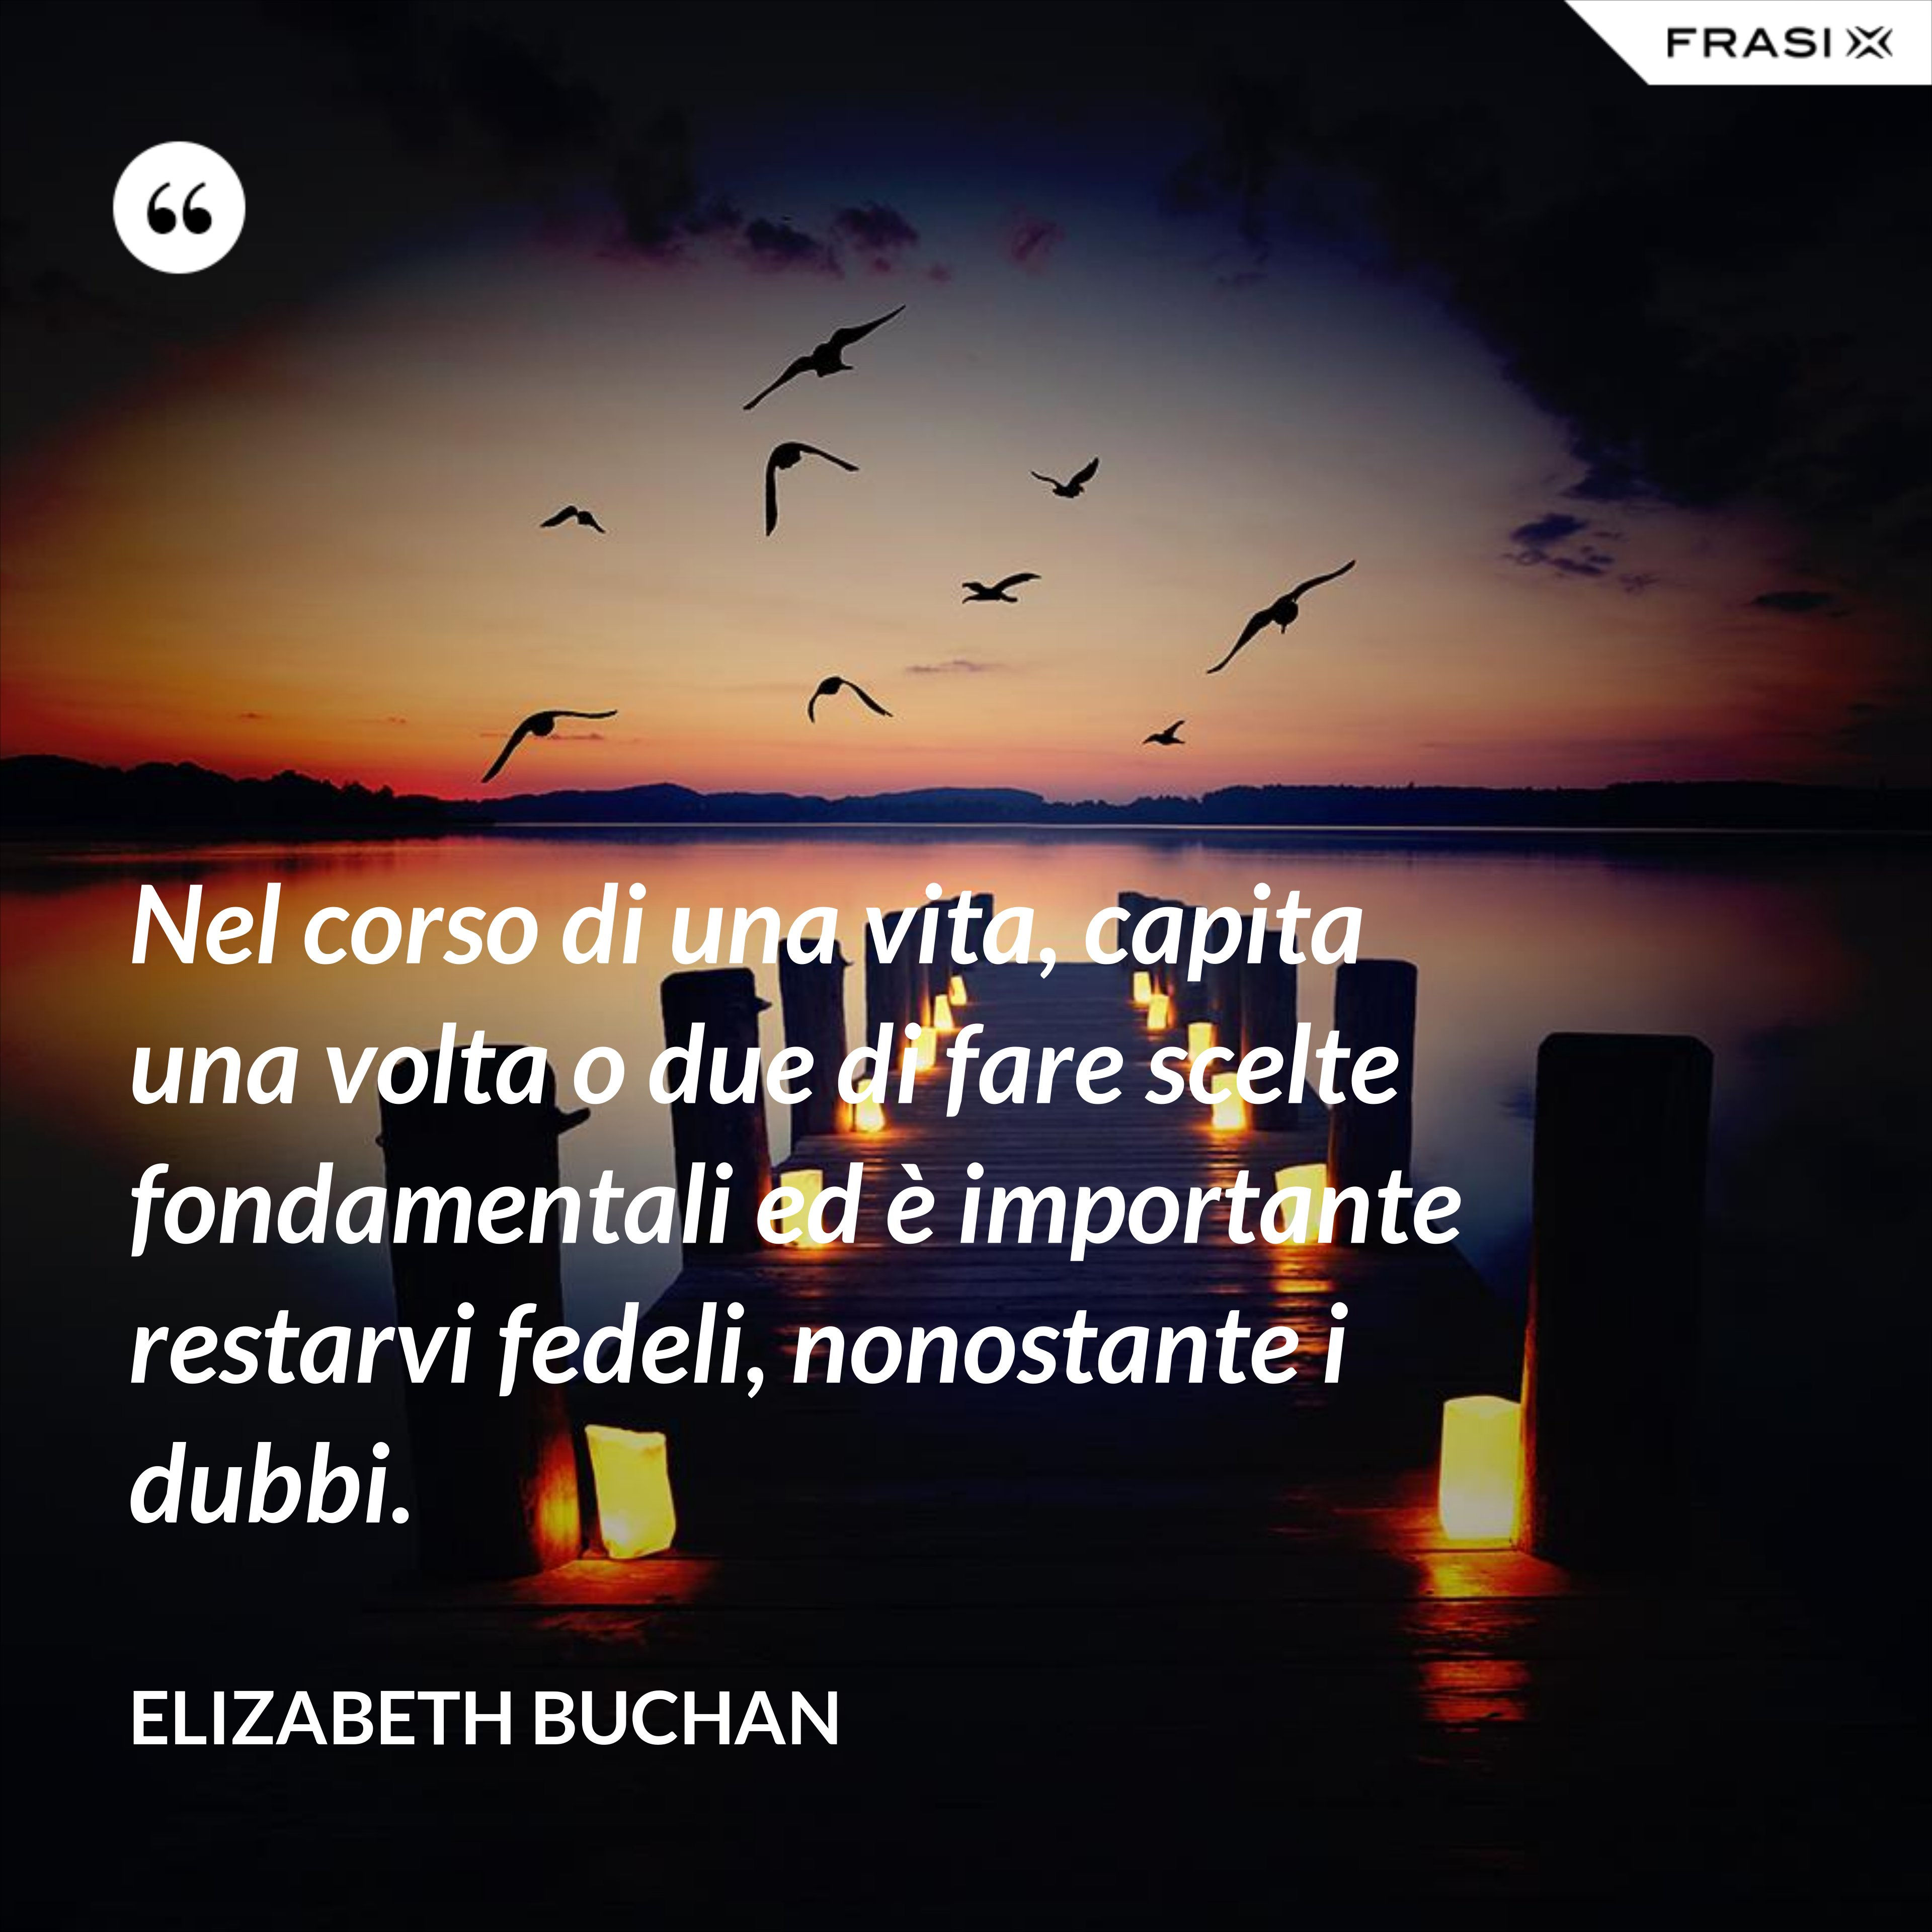 Nel corso di una vita, capita una volta o due di fare scelte fondamentali ed è importante restarvi fedeli, nonostante i dubbi. - Elizabeth Buchan